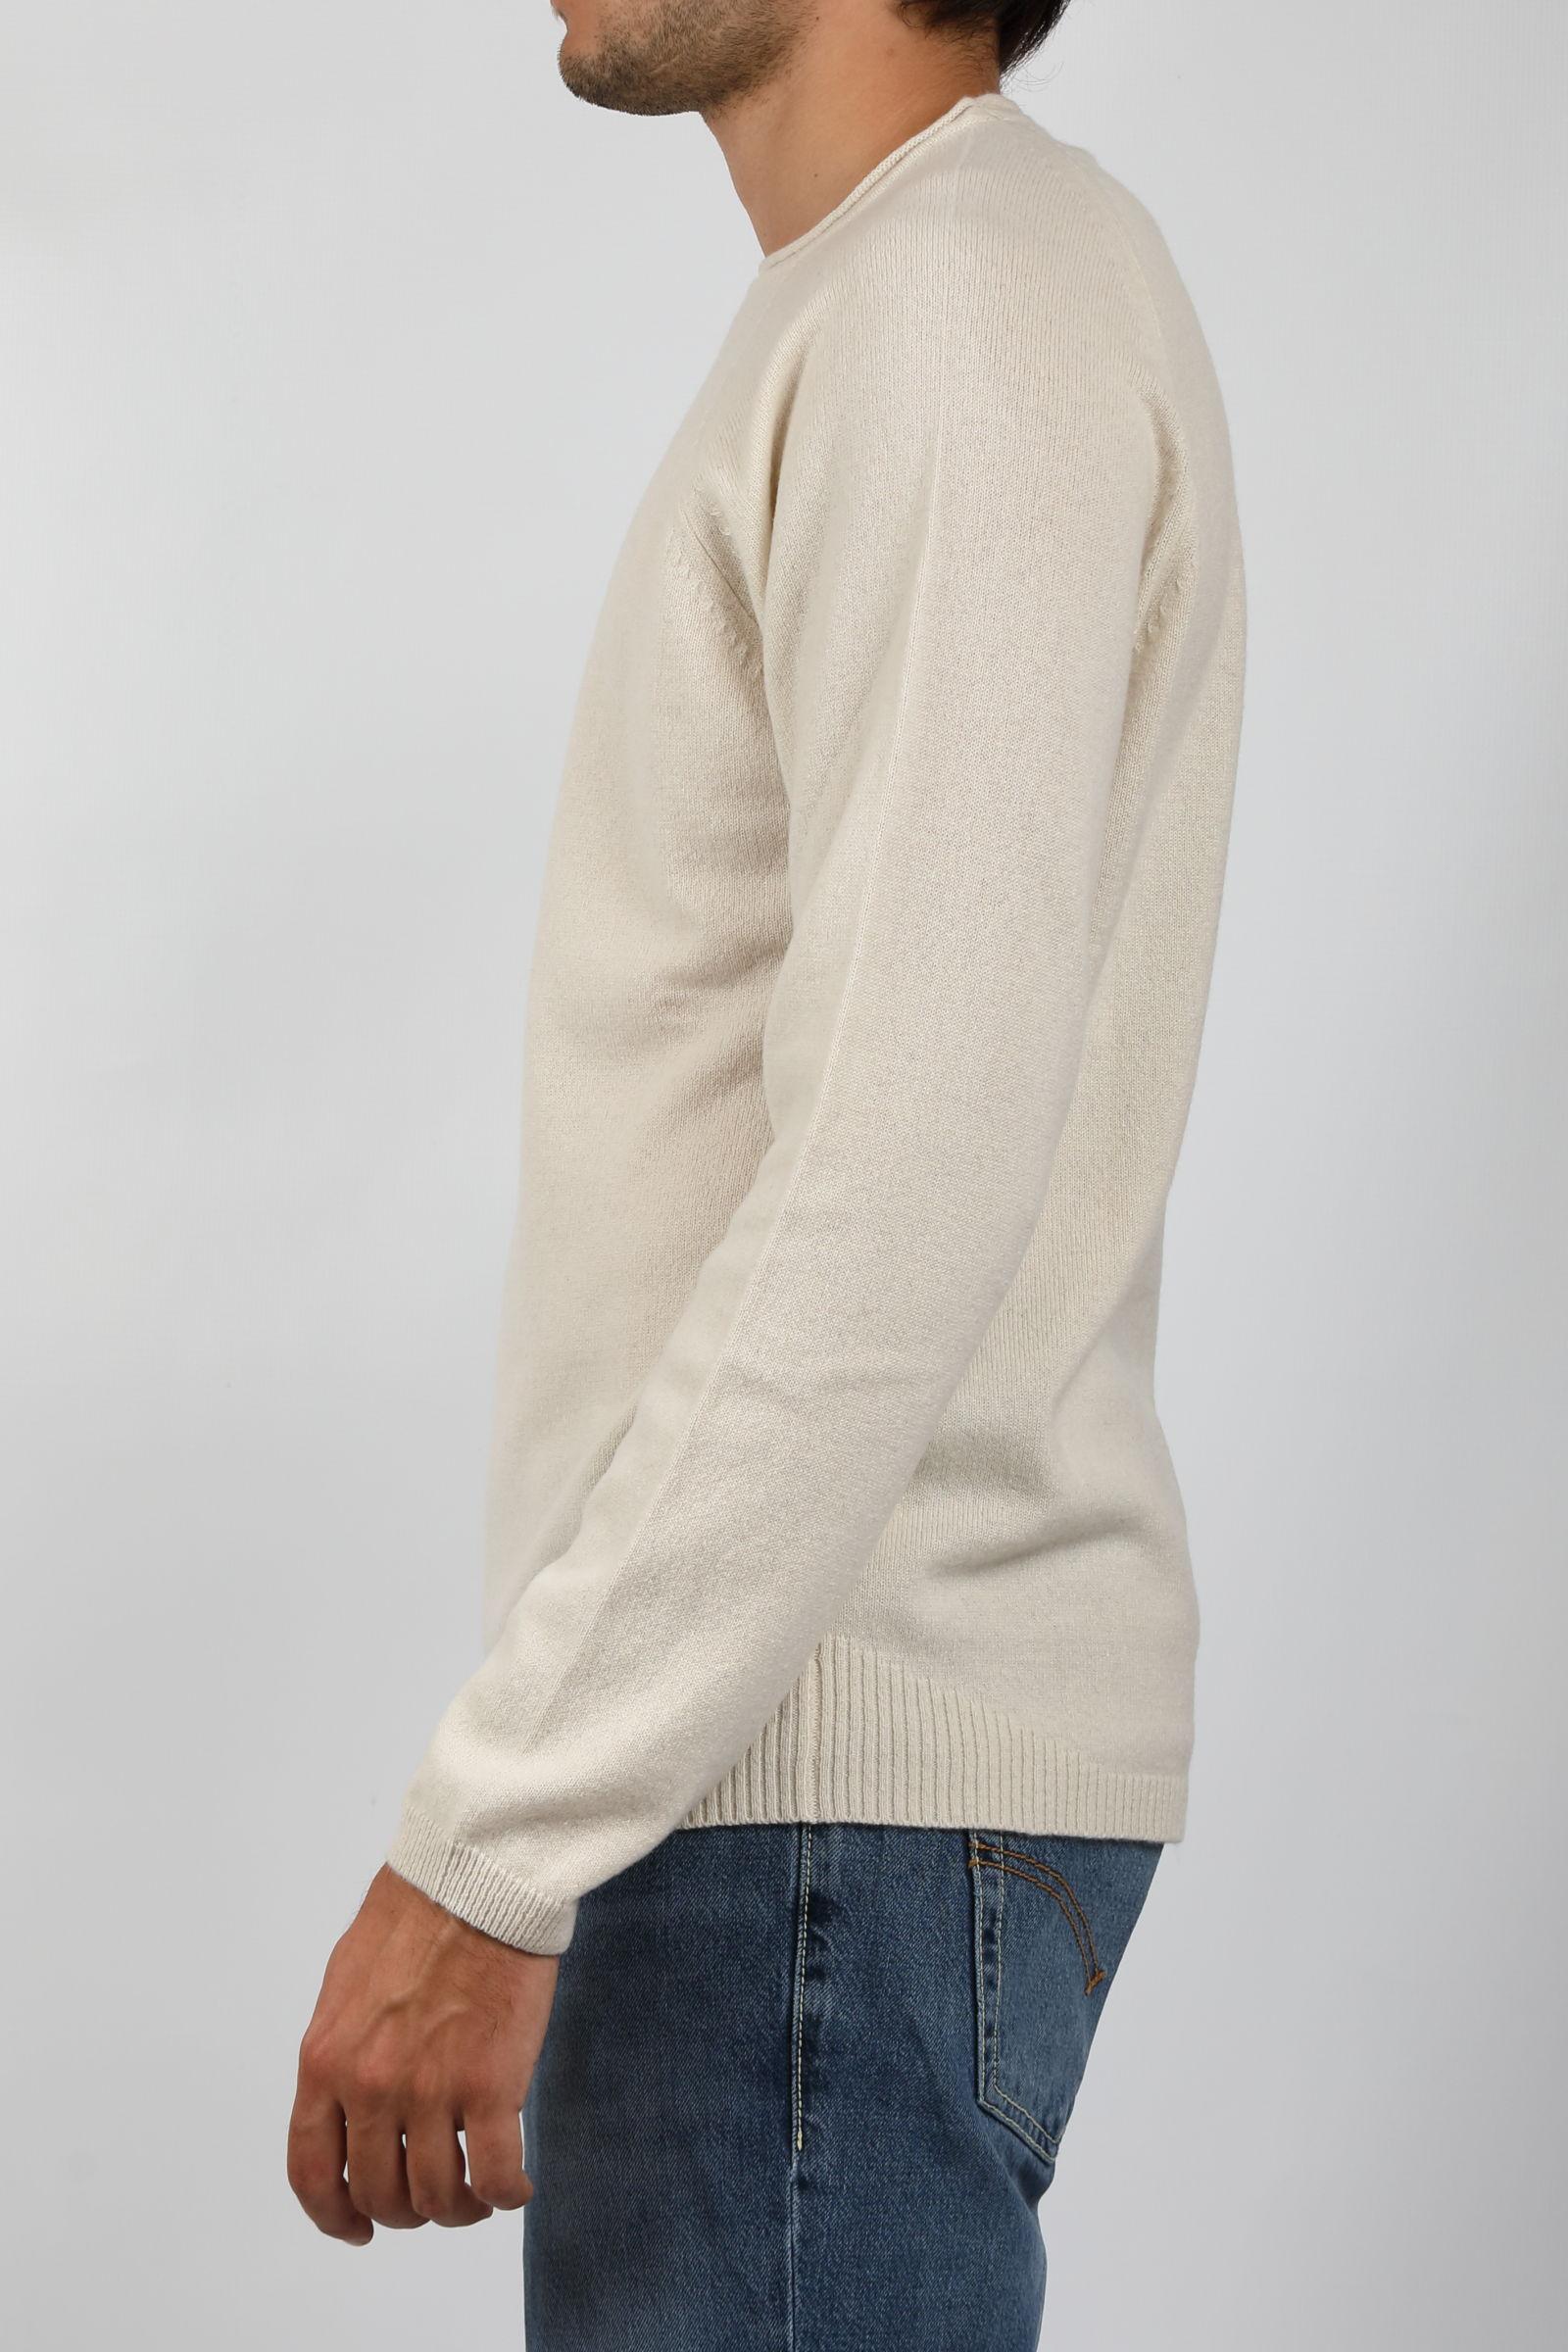 PARICOLLO LOOSEFIT DANIELE FIESOLI | Knitwear | DF3006100